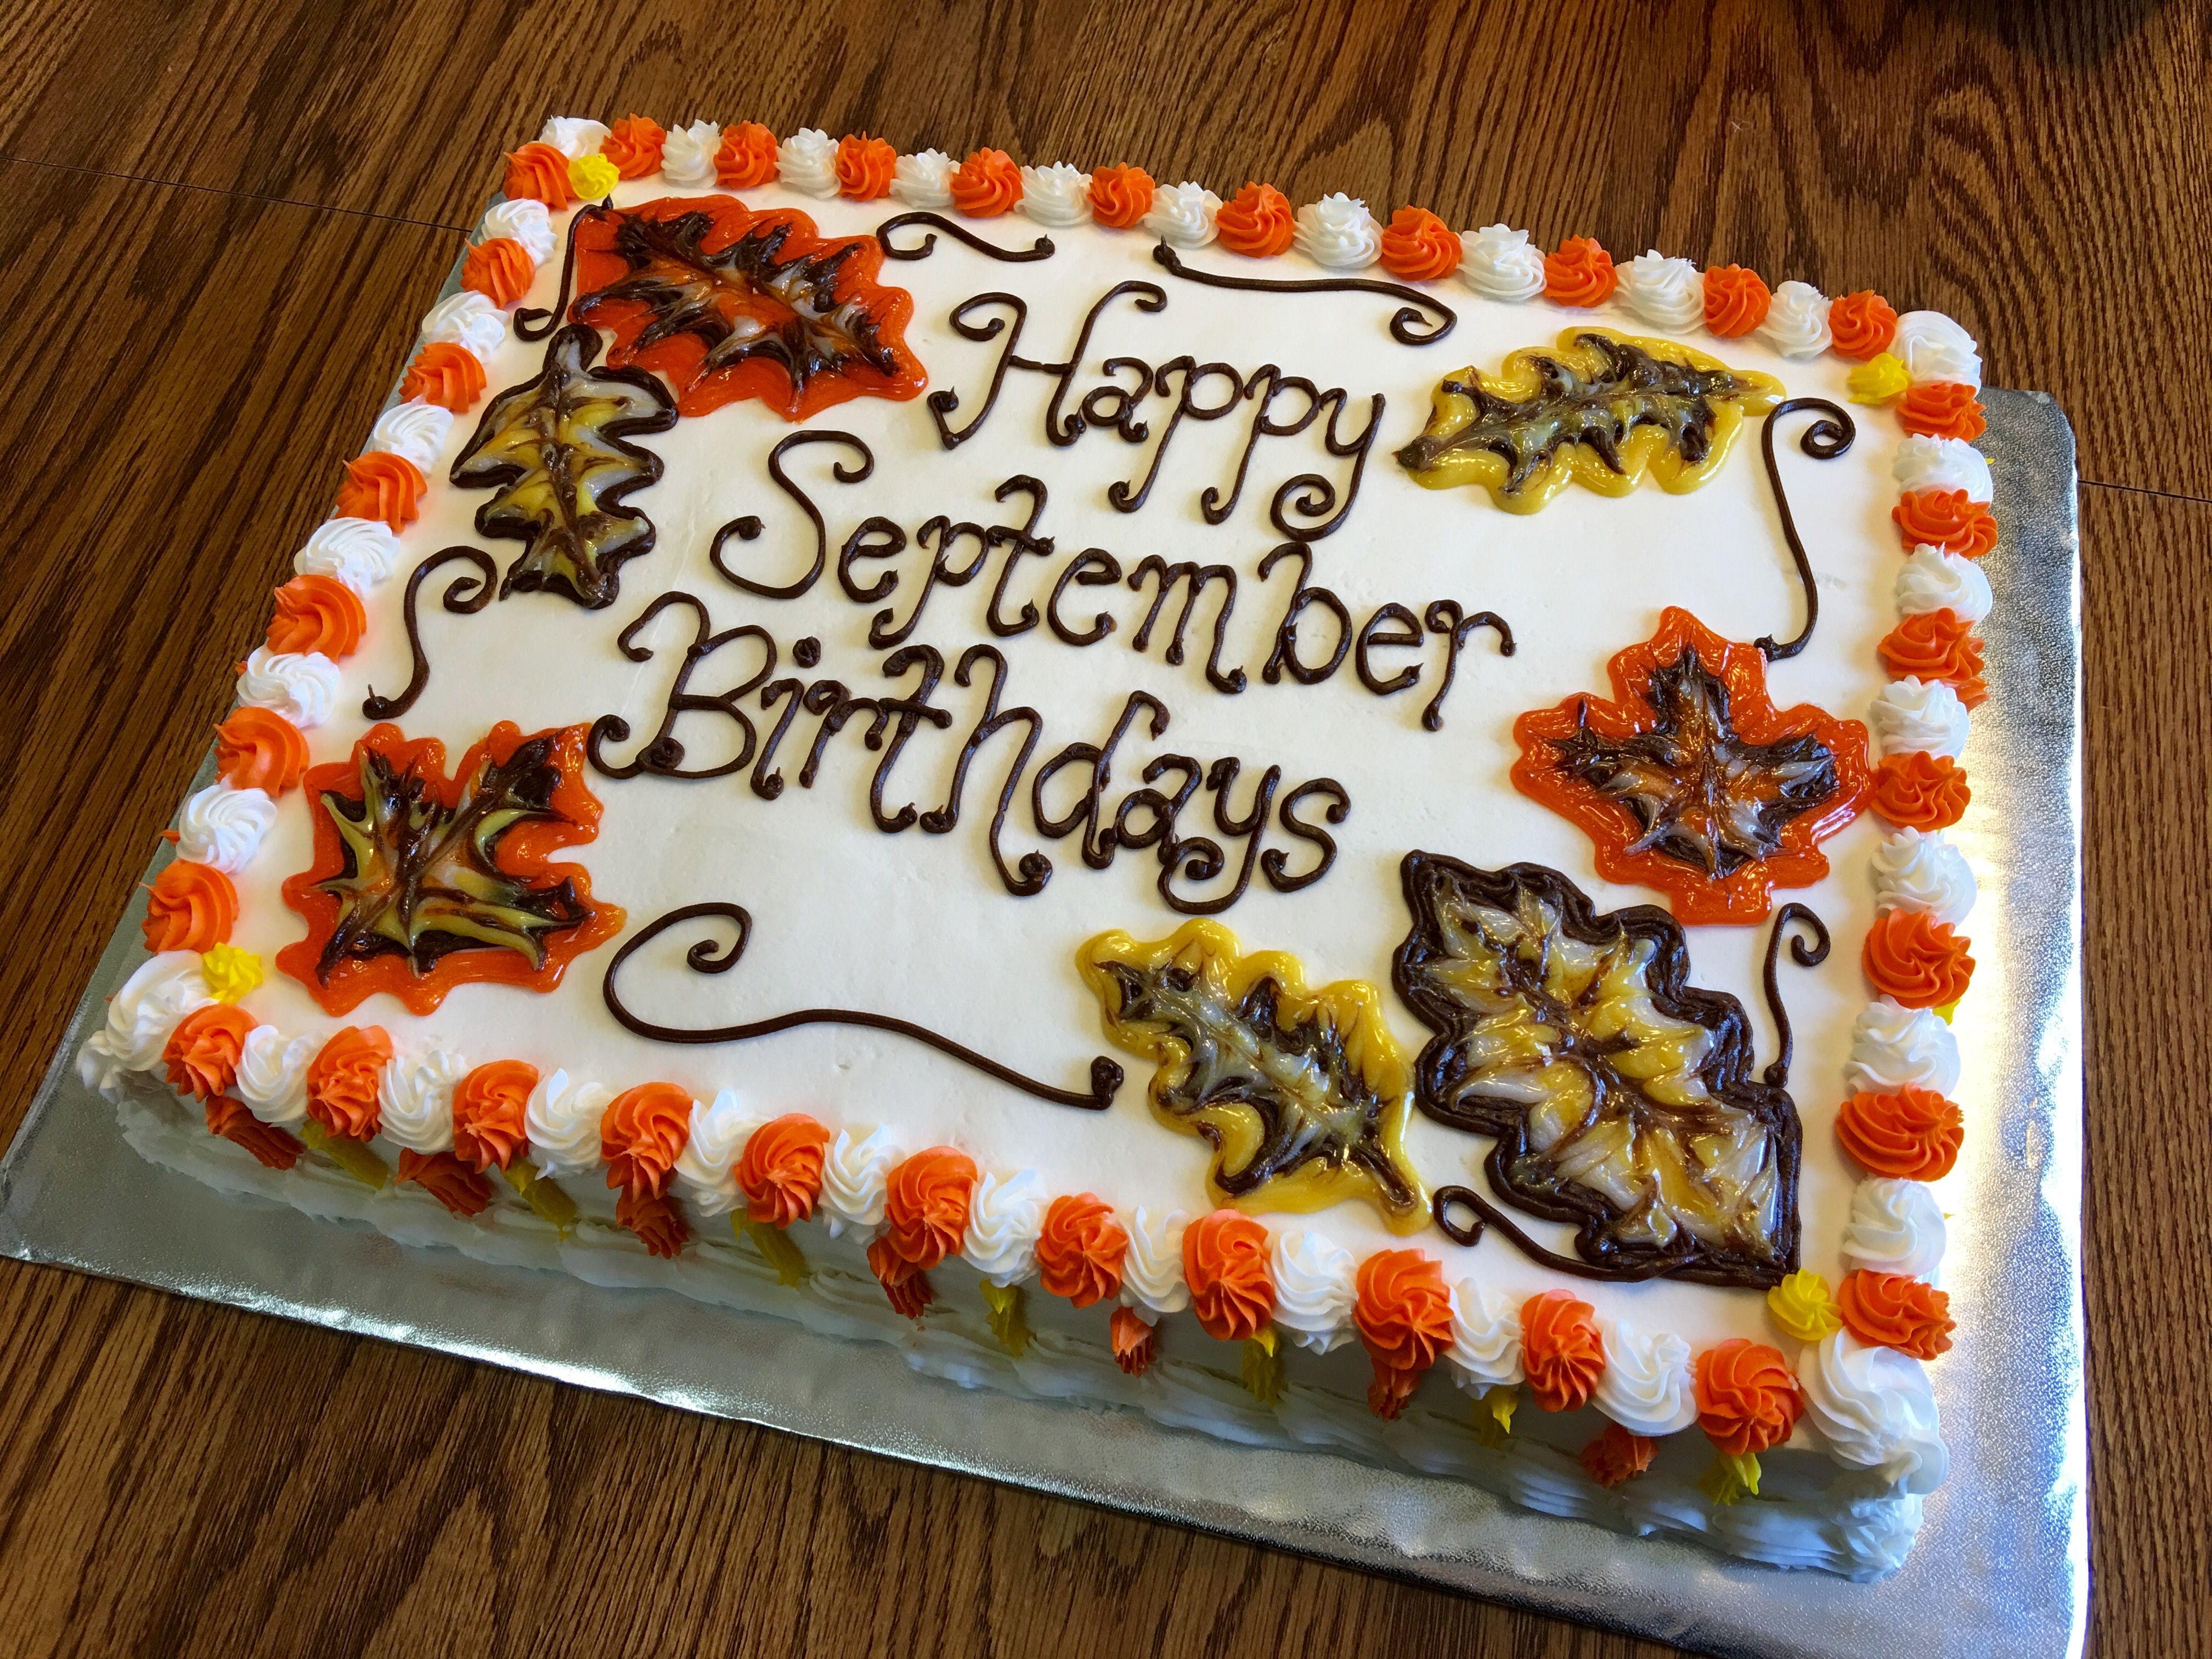 September Birthday Cake My Cakes Pinterest September birthday